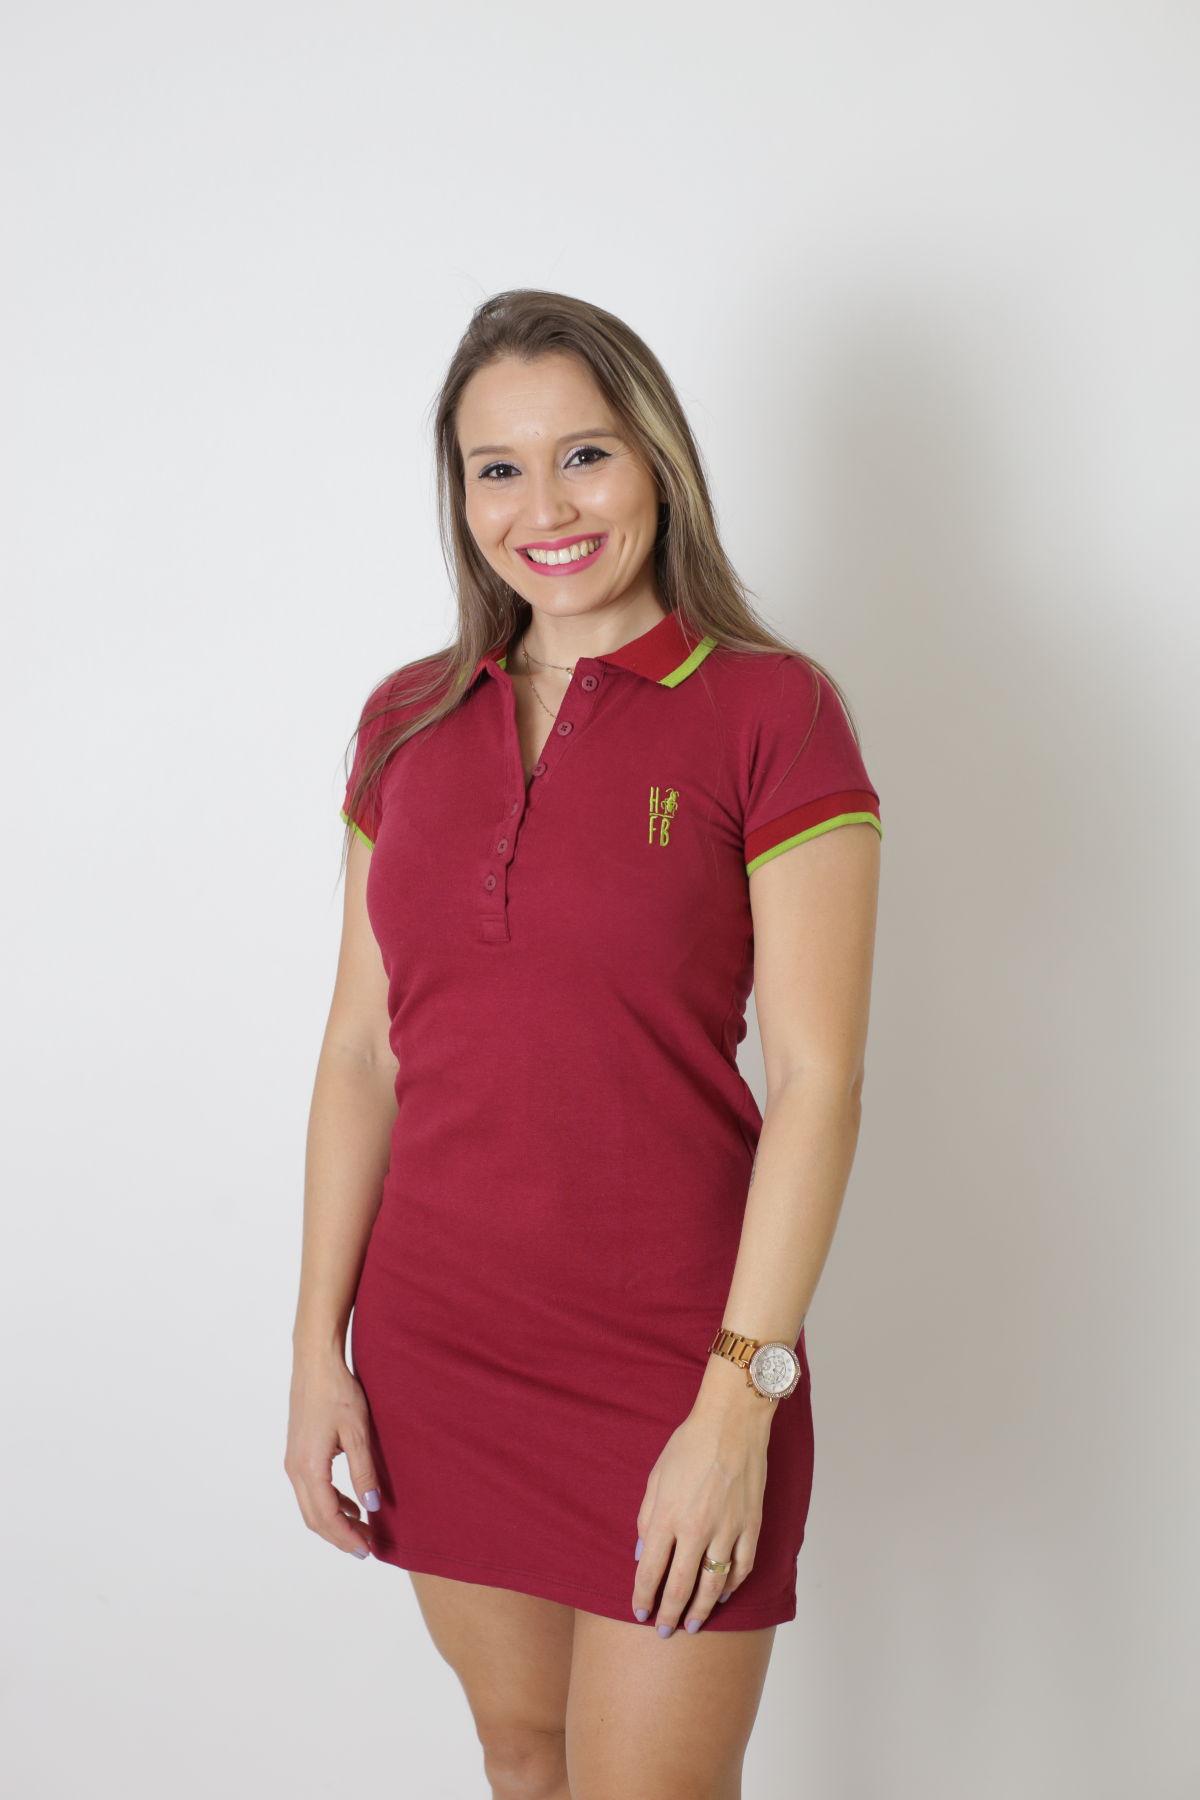 MÃE E FILHA > Kit 02 Vestidos Adulto e Infantil Bordo [Coleção Tal Mãe Tal Filha]  - Heitor Fashion Brazil